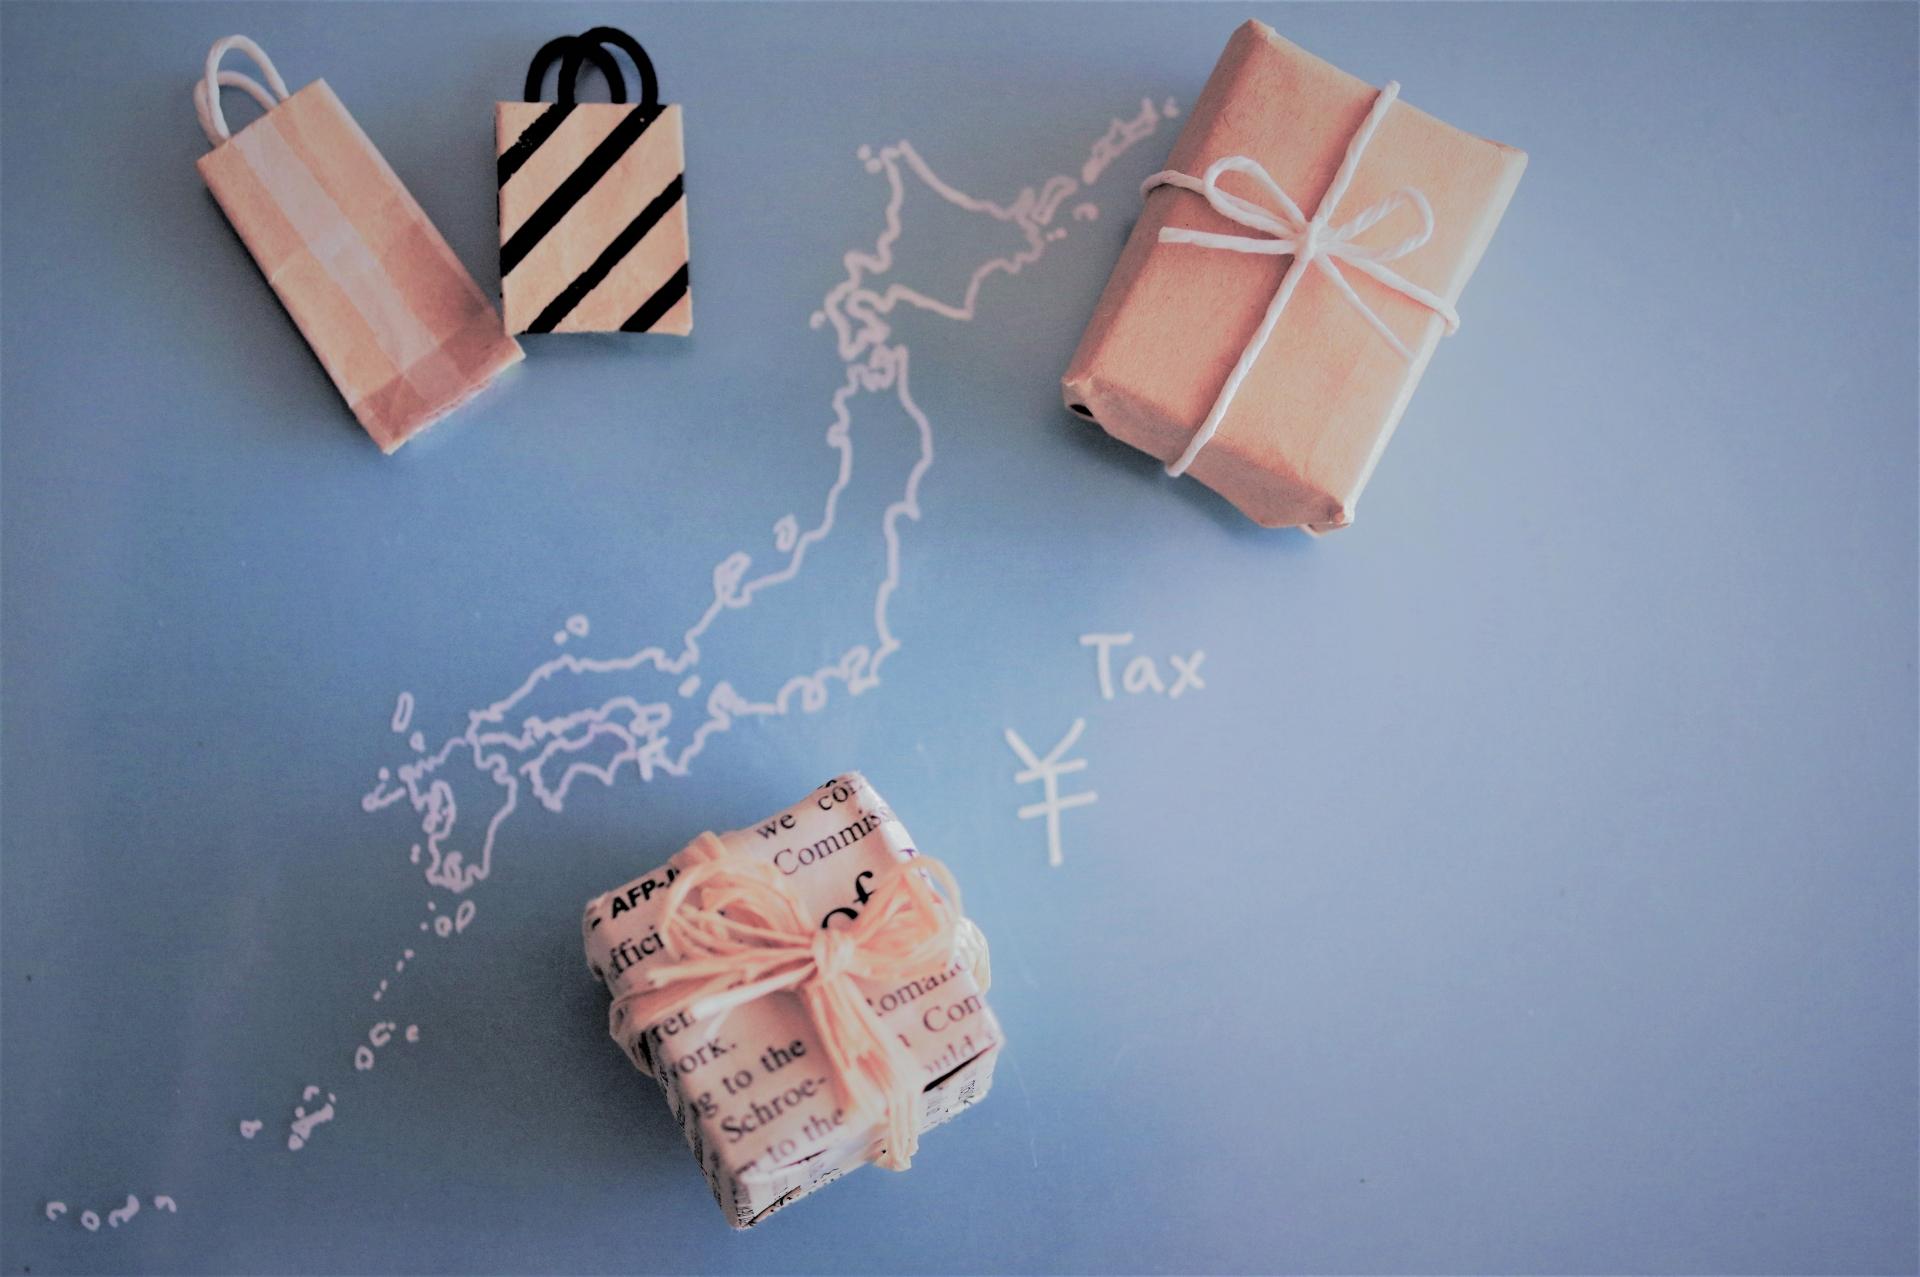 コロナ禍、お礼品の志向が大きく変化した「ふるさと納税」。この冬の家族時間を楽しむ活用術をご紹介!